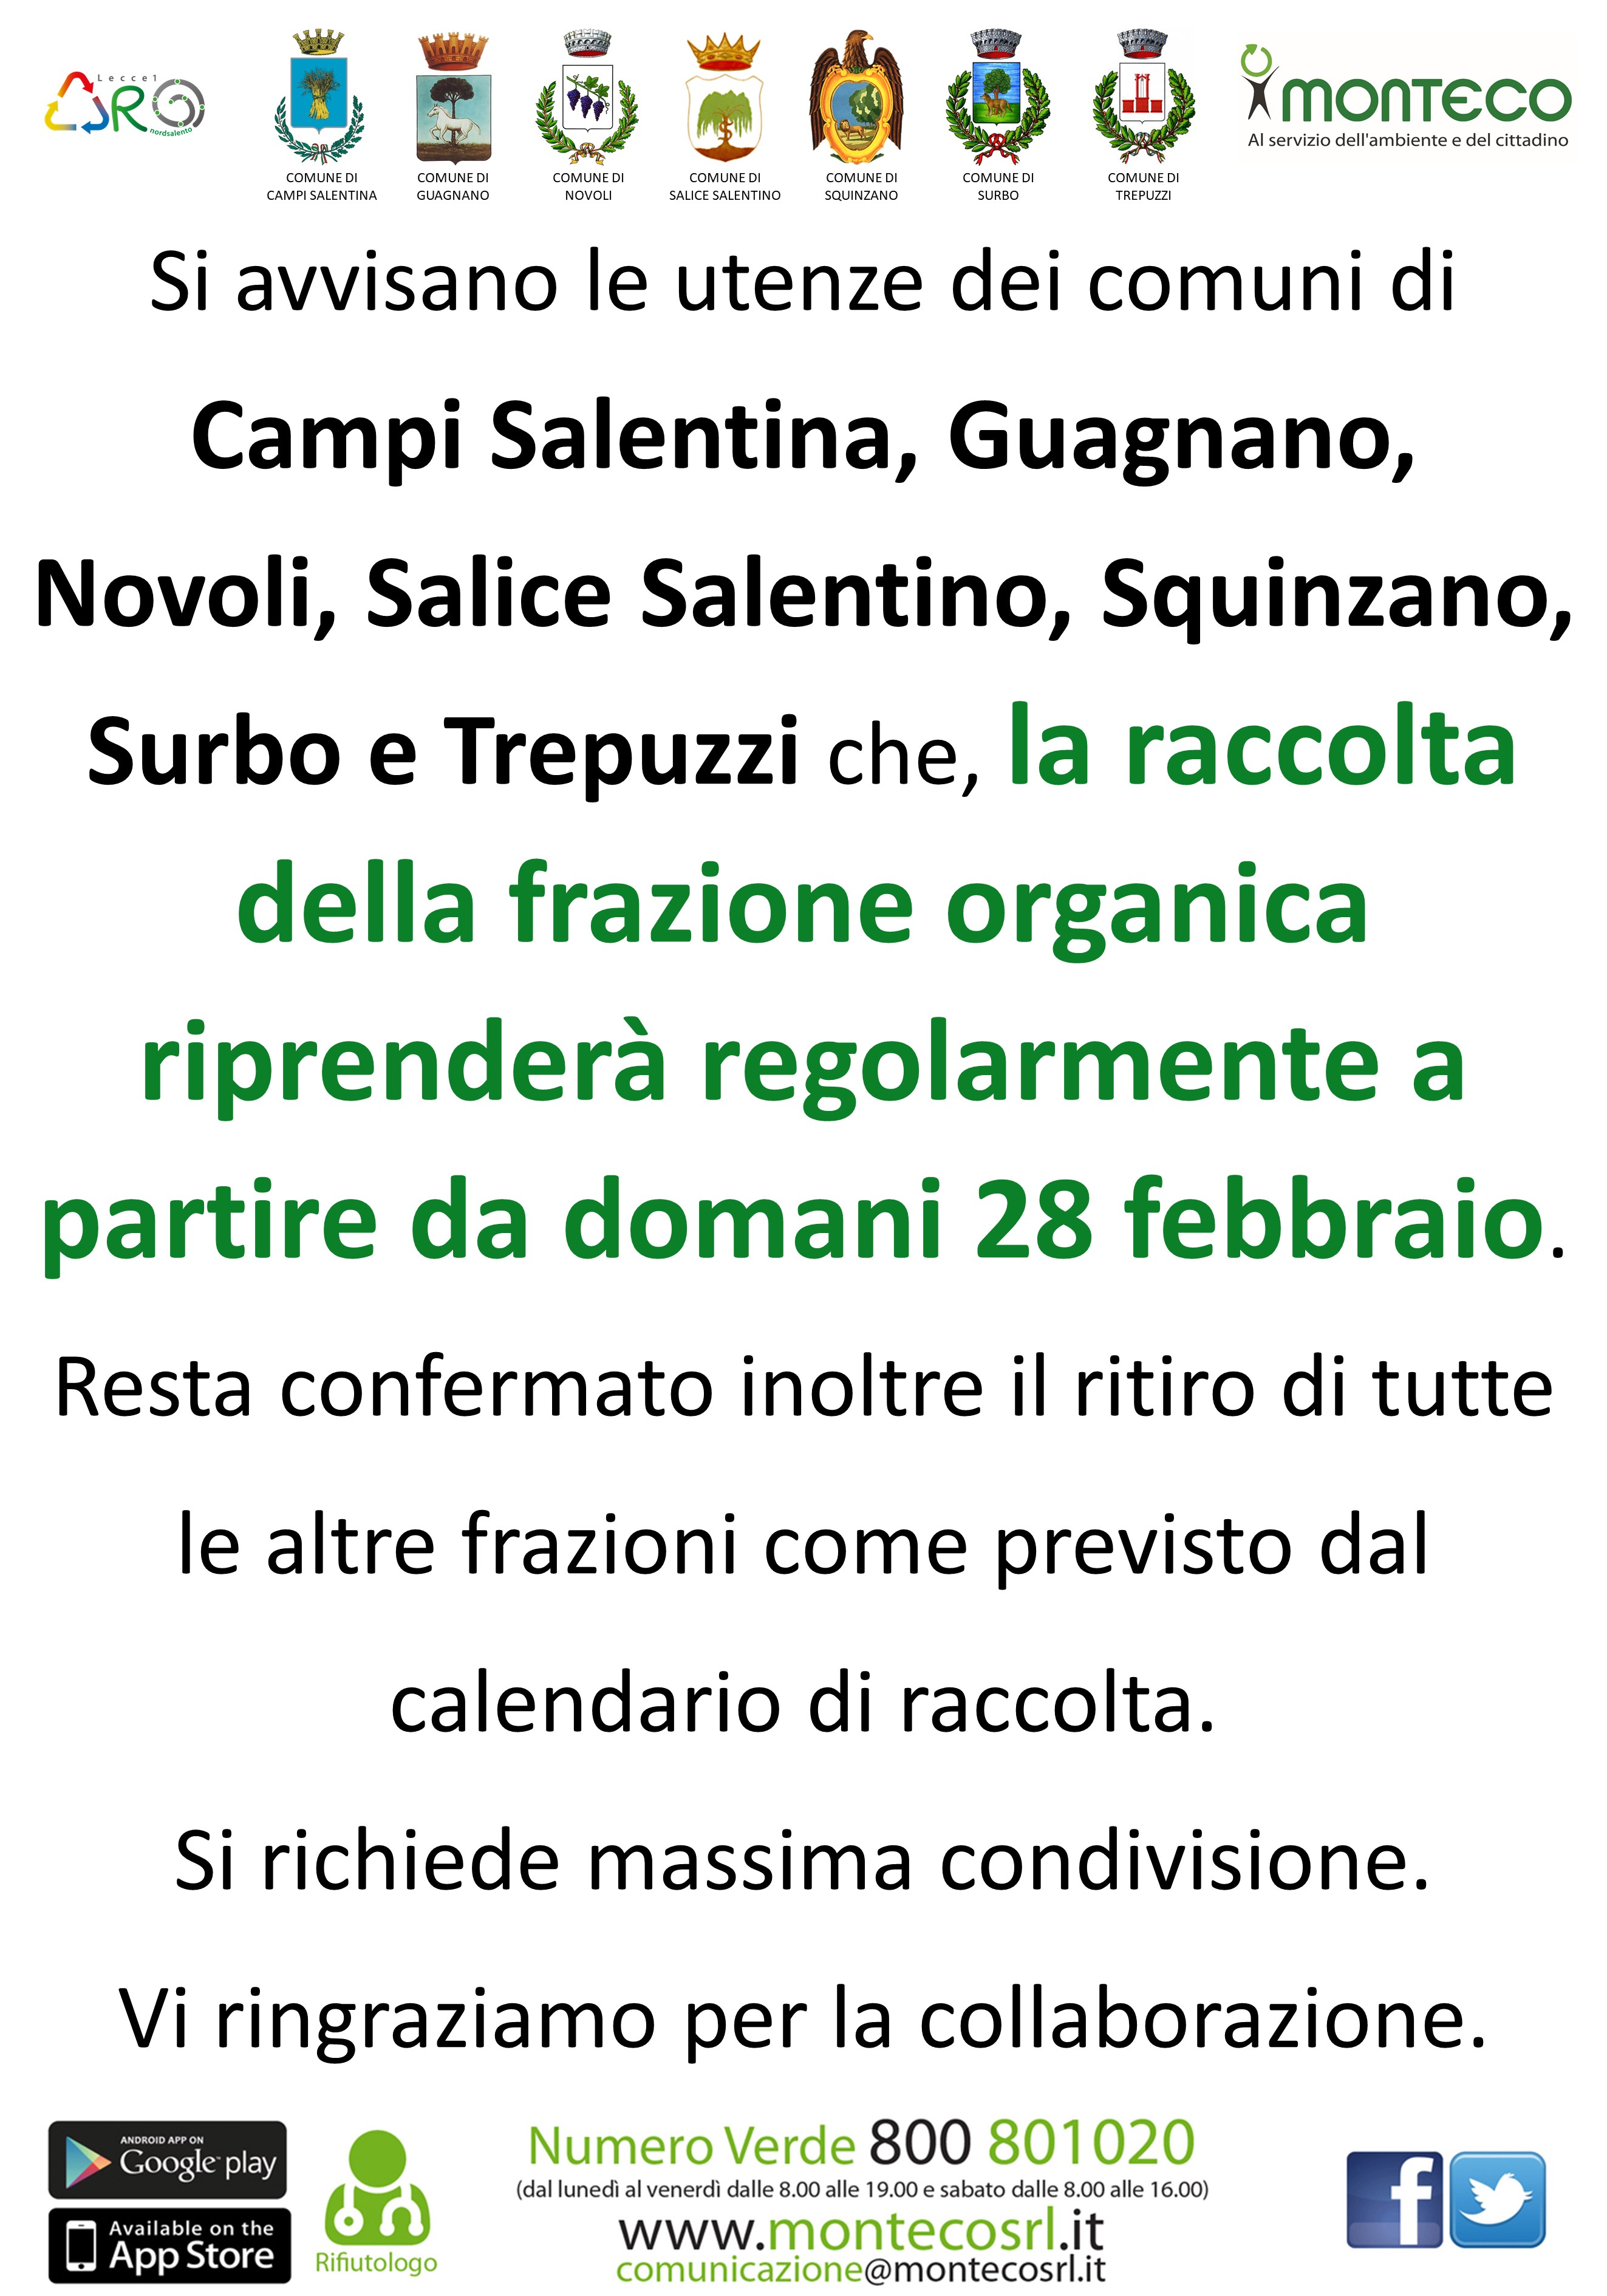 Aro Le/1: ripresa raccolta frazione organica